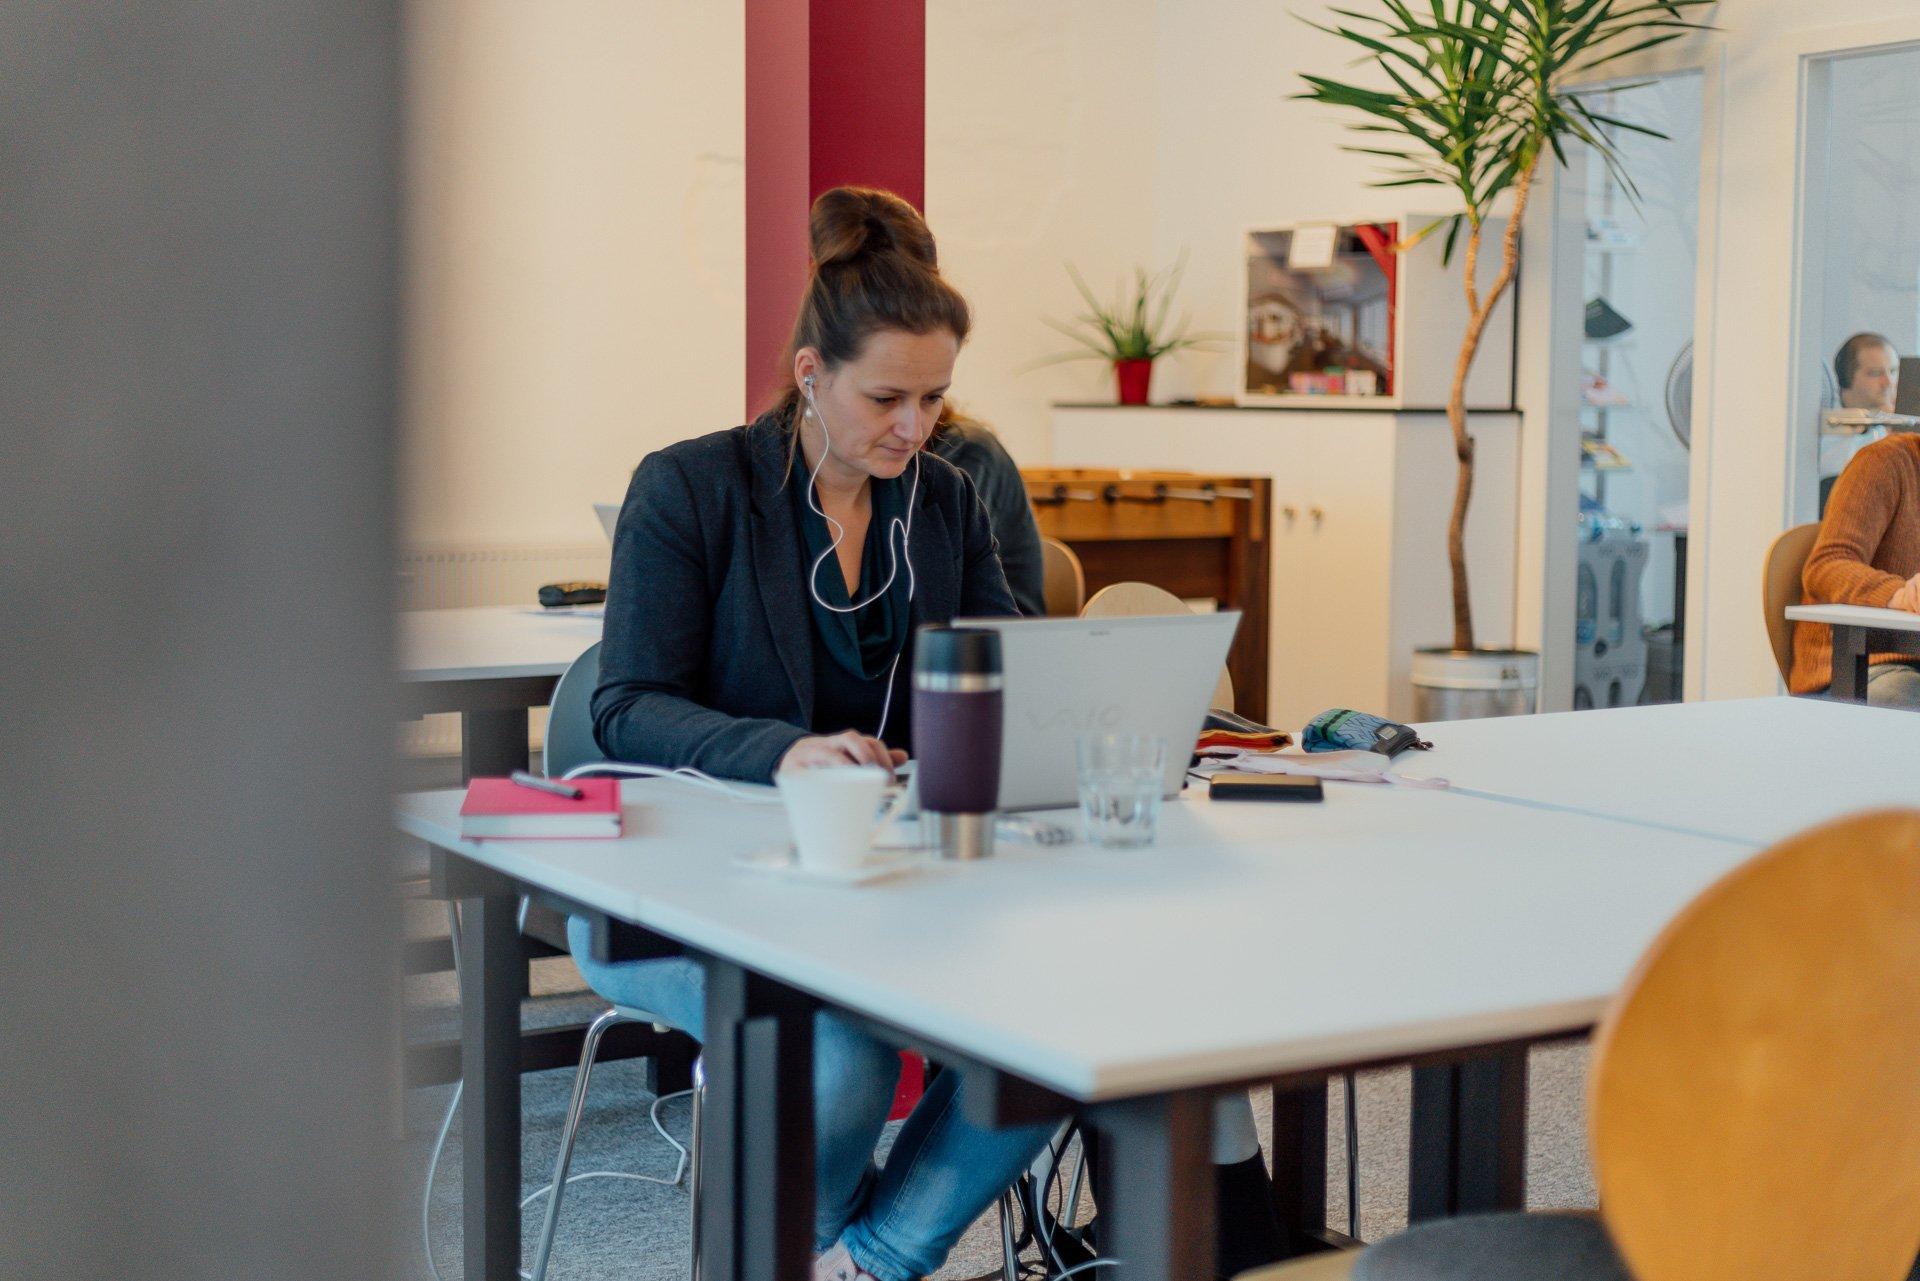 Personen arbeiten konzentriert im Flex Desk Bereich